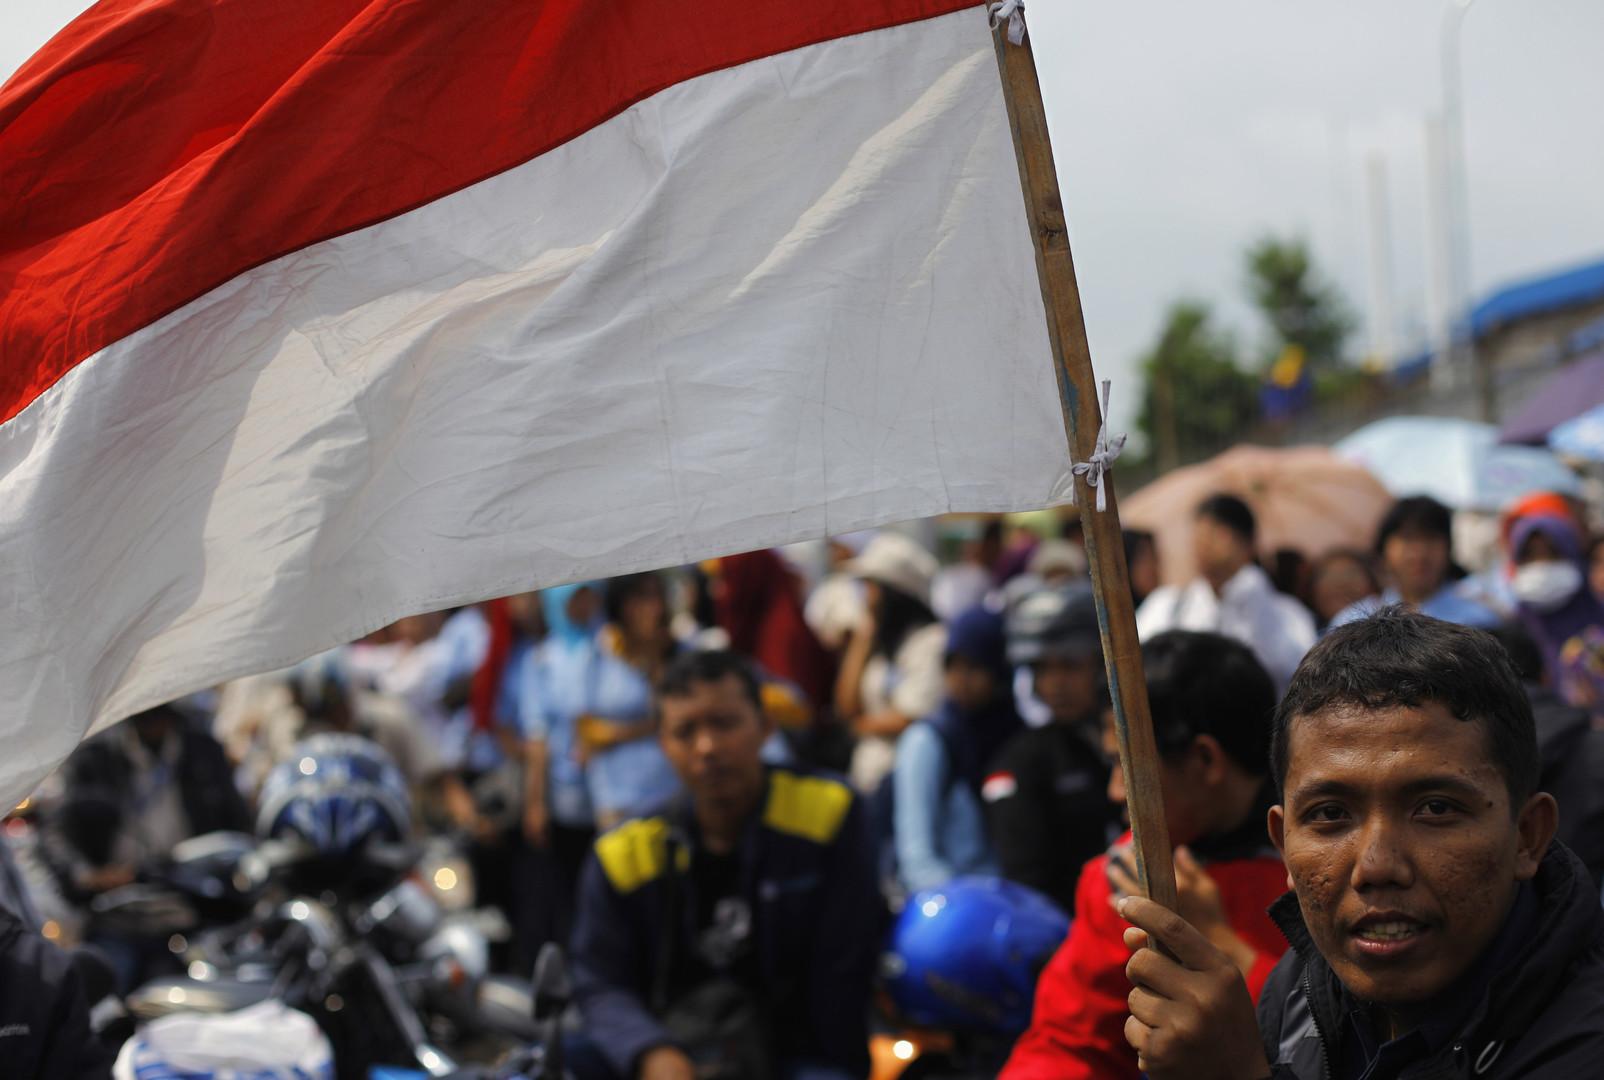 إندونيسيا تقرر نقل عاصمتها خارج جزيرة جاوة